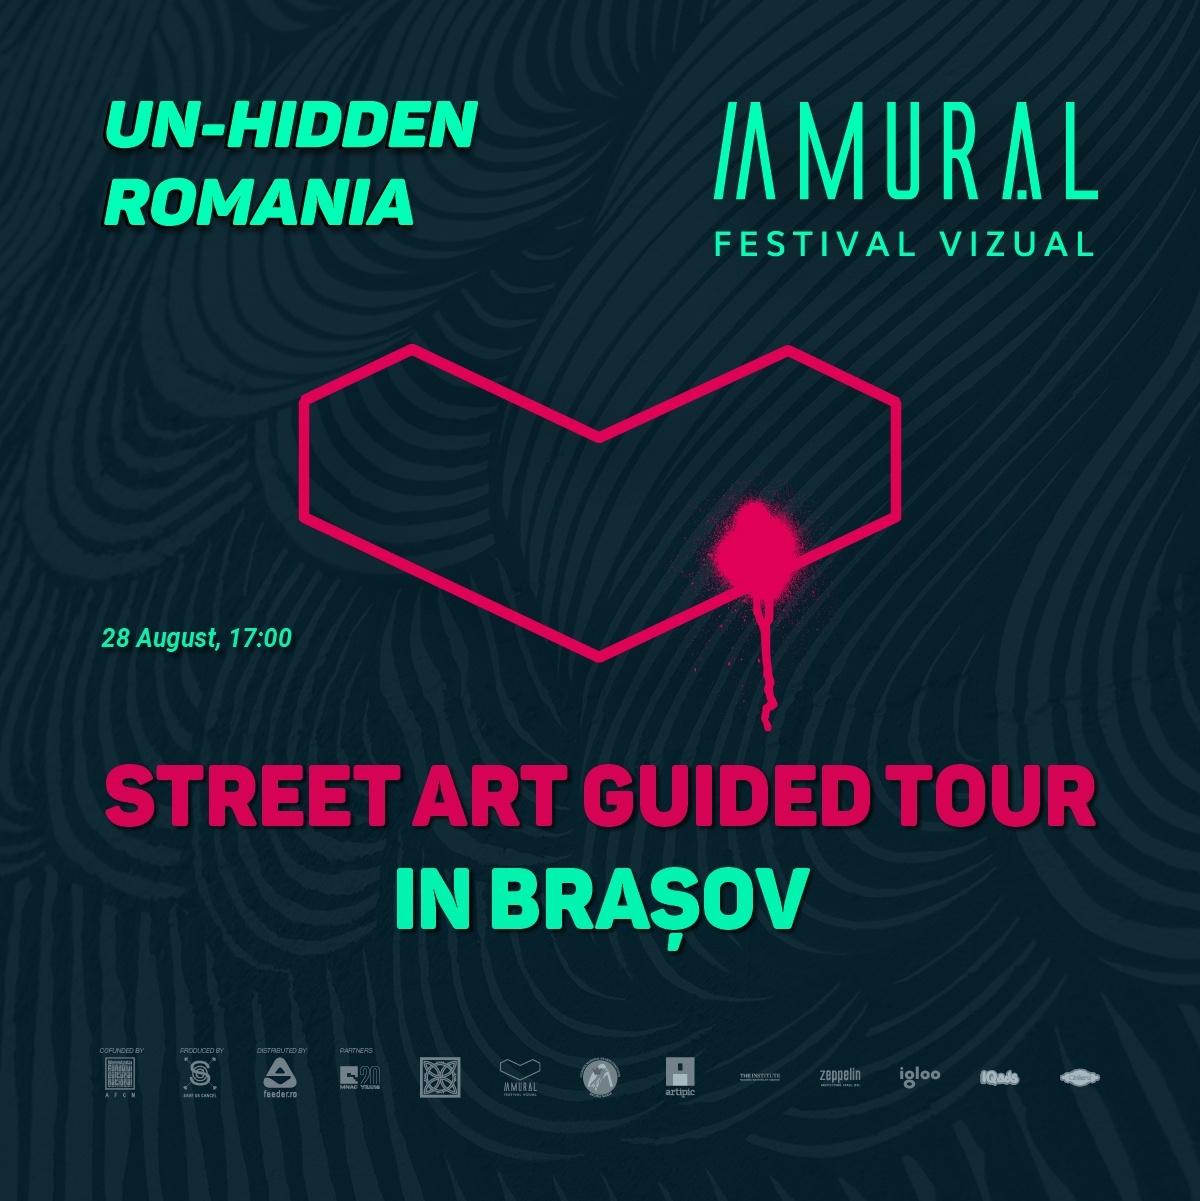 2021 Un-hidden Romania Amural Street art tour